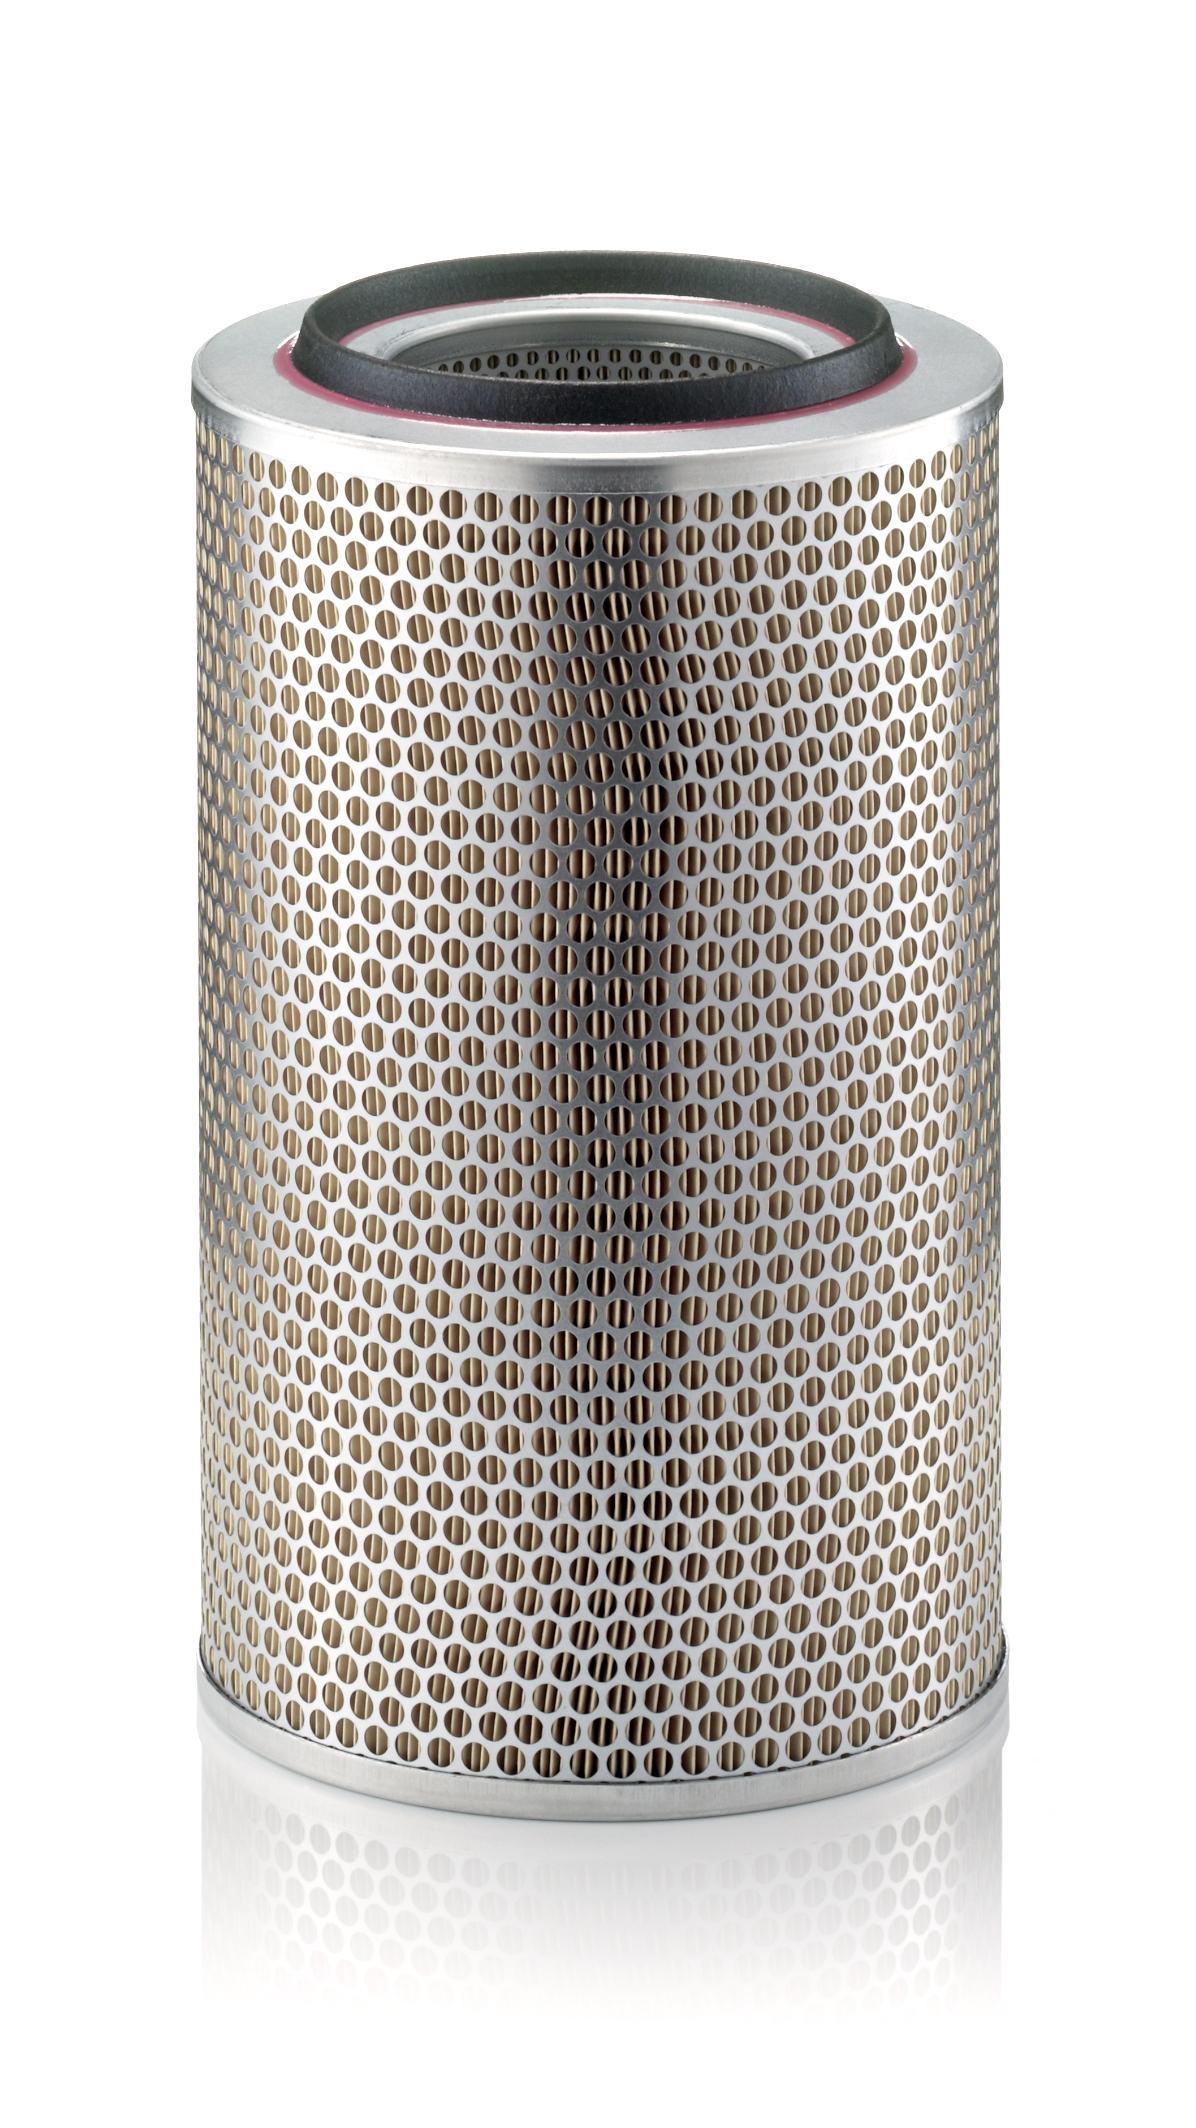 NFZ Luftfilter von MANN-FILTER C 23 440/1 bestellen